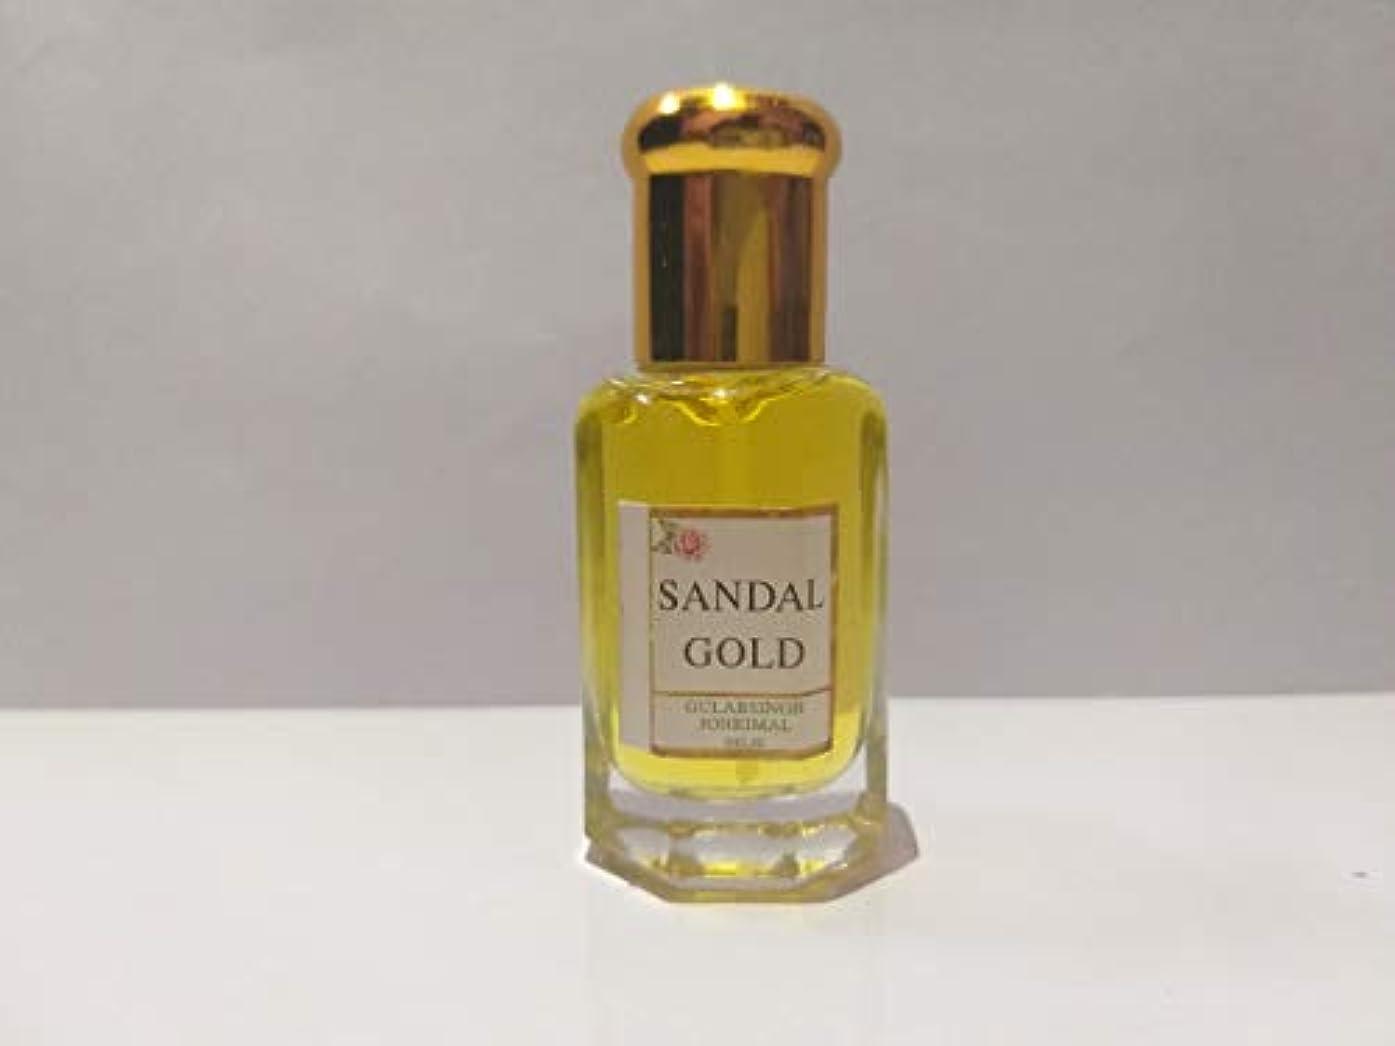 ストライドカスケードワードローブSandal/白檀 / Chandan Attar/Ittar concentrated Perfume Oil - 10ml Beautiful Aroma